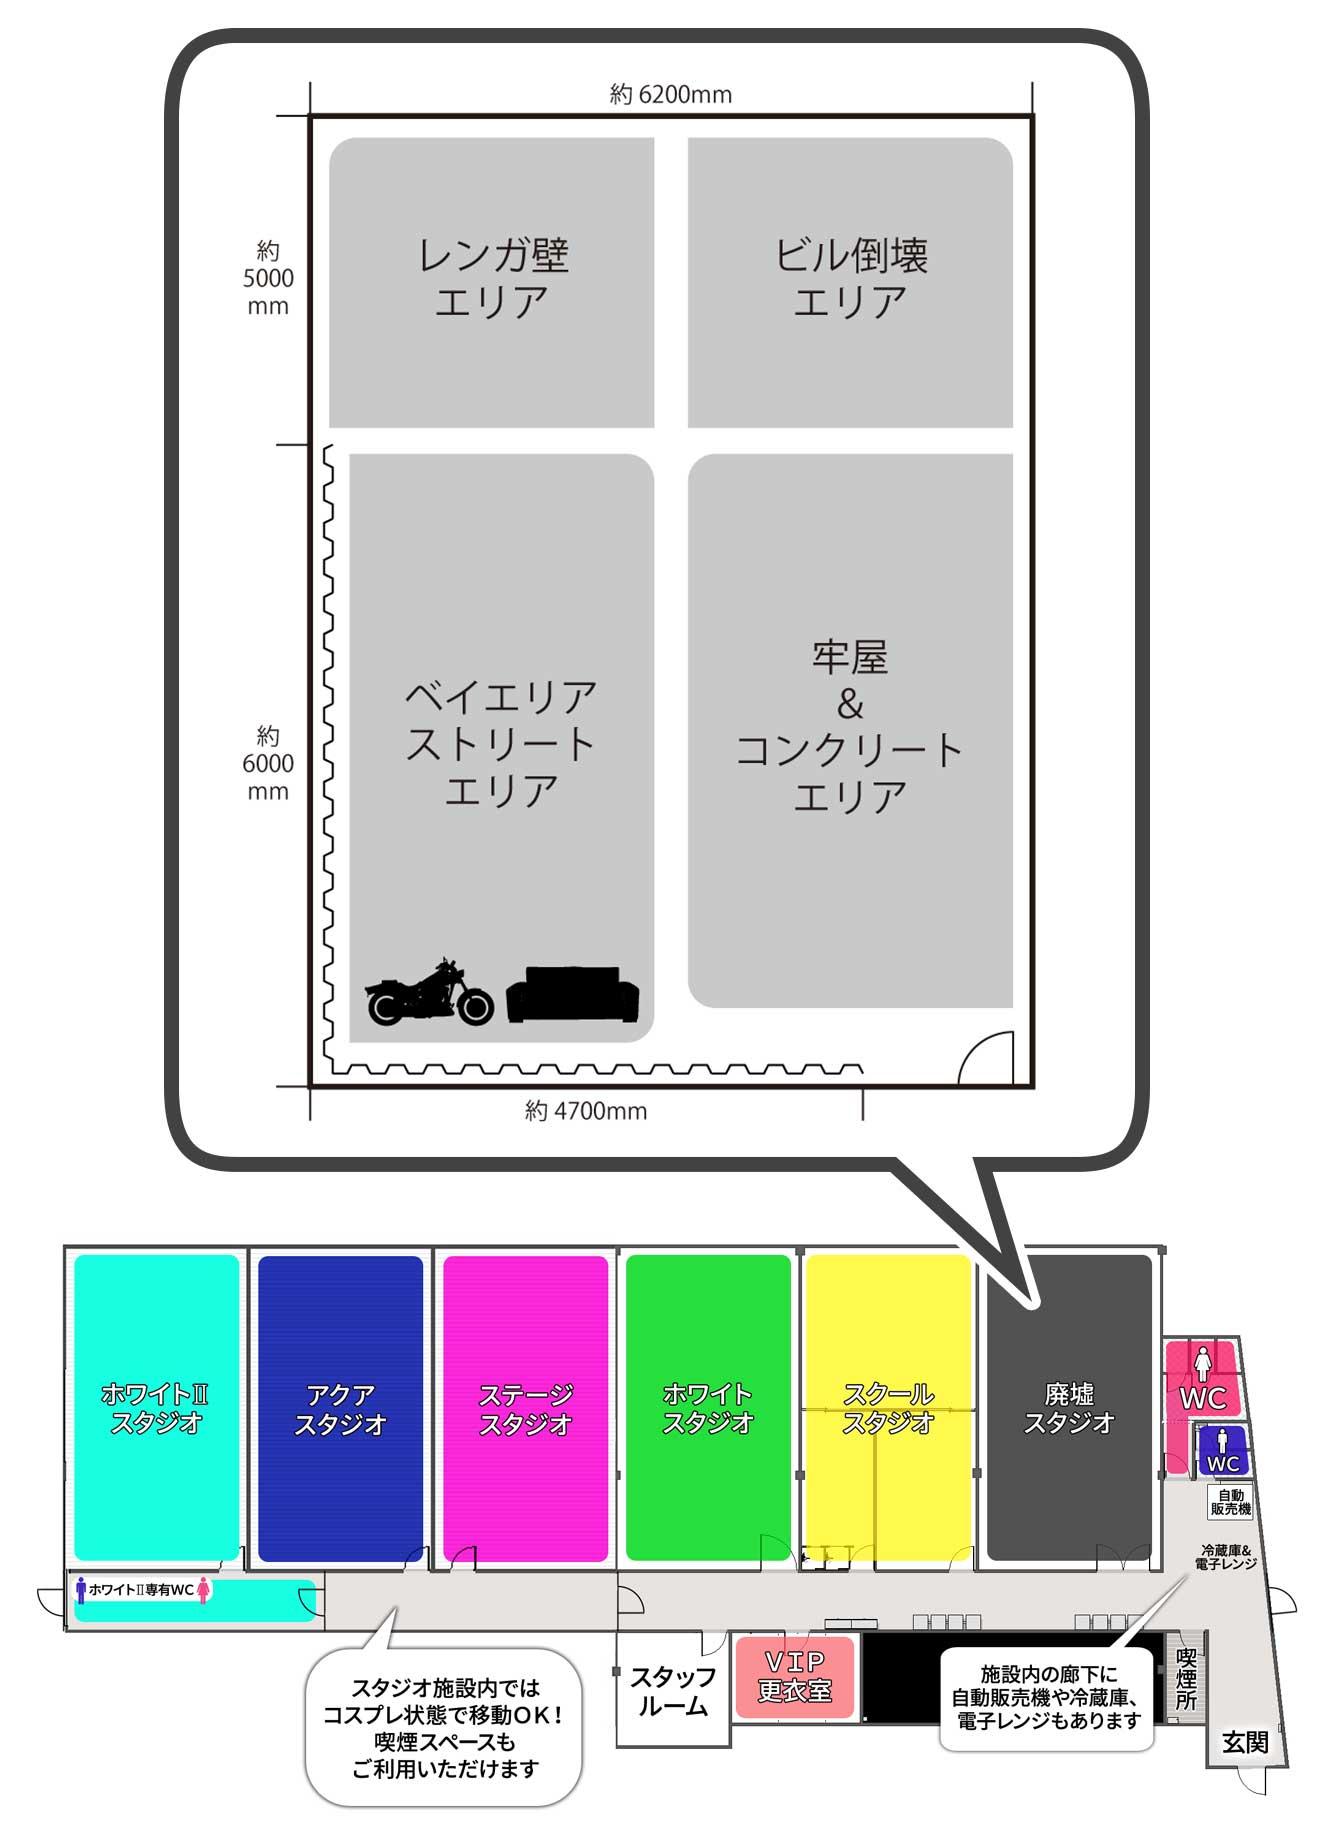 新大阪廃墟スタジオ見取り図